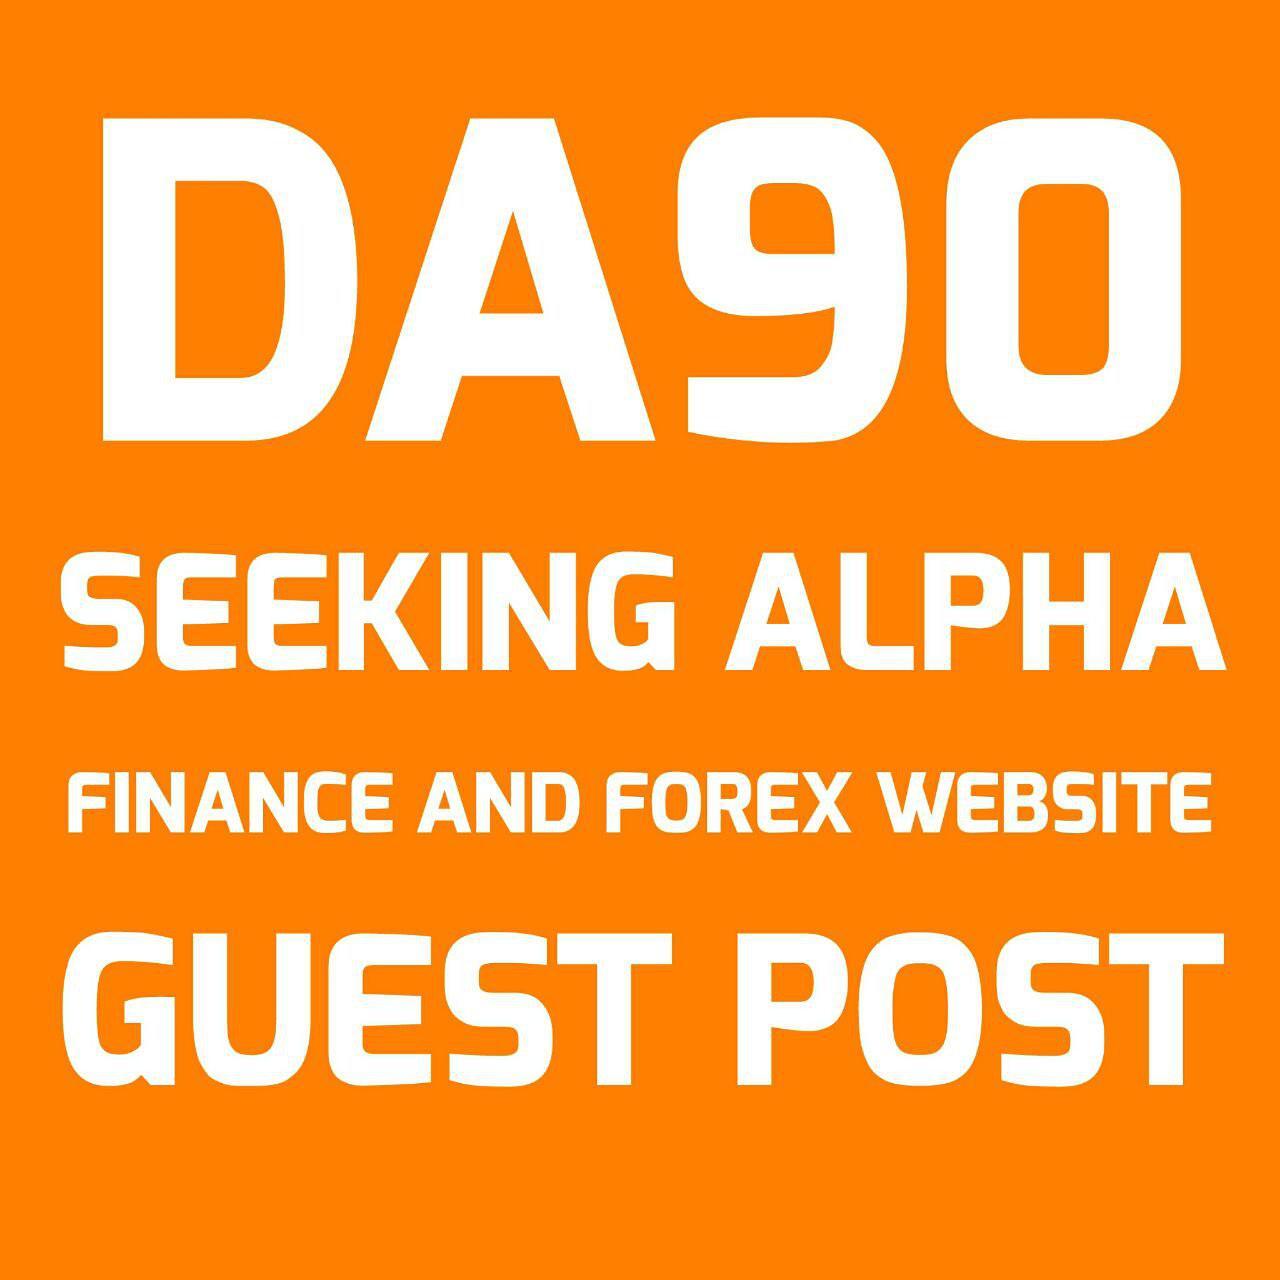 Guest post on seeking alpha da90 finance website